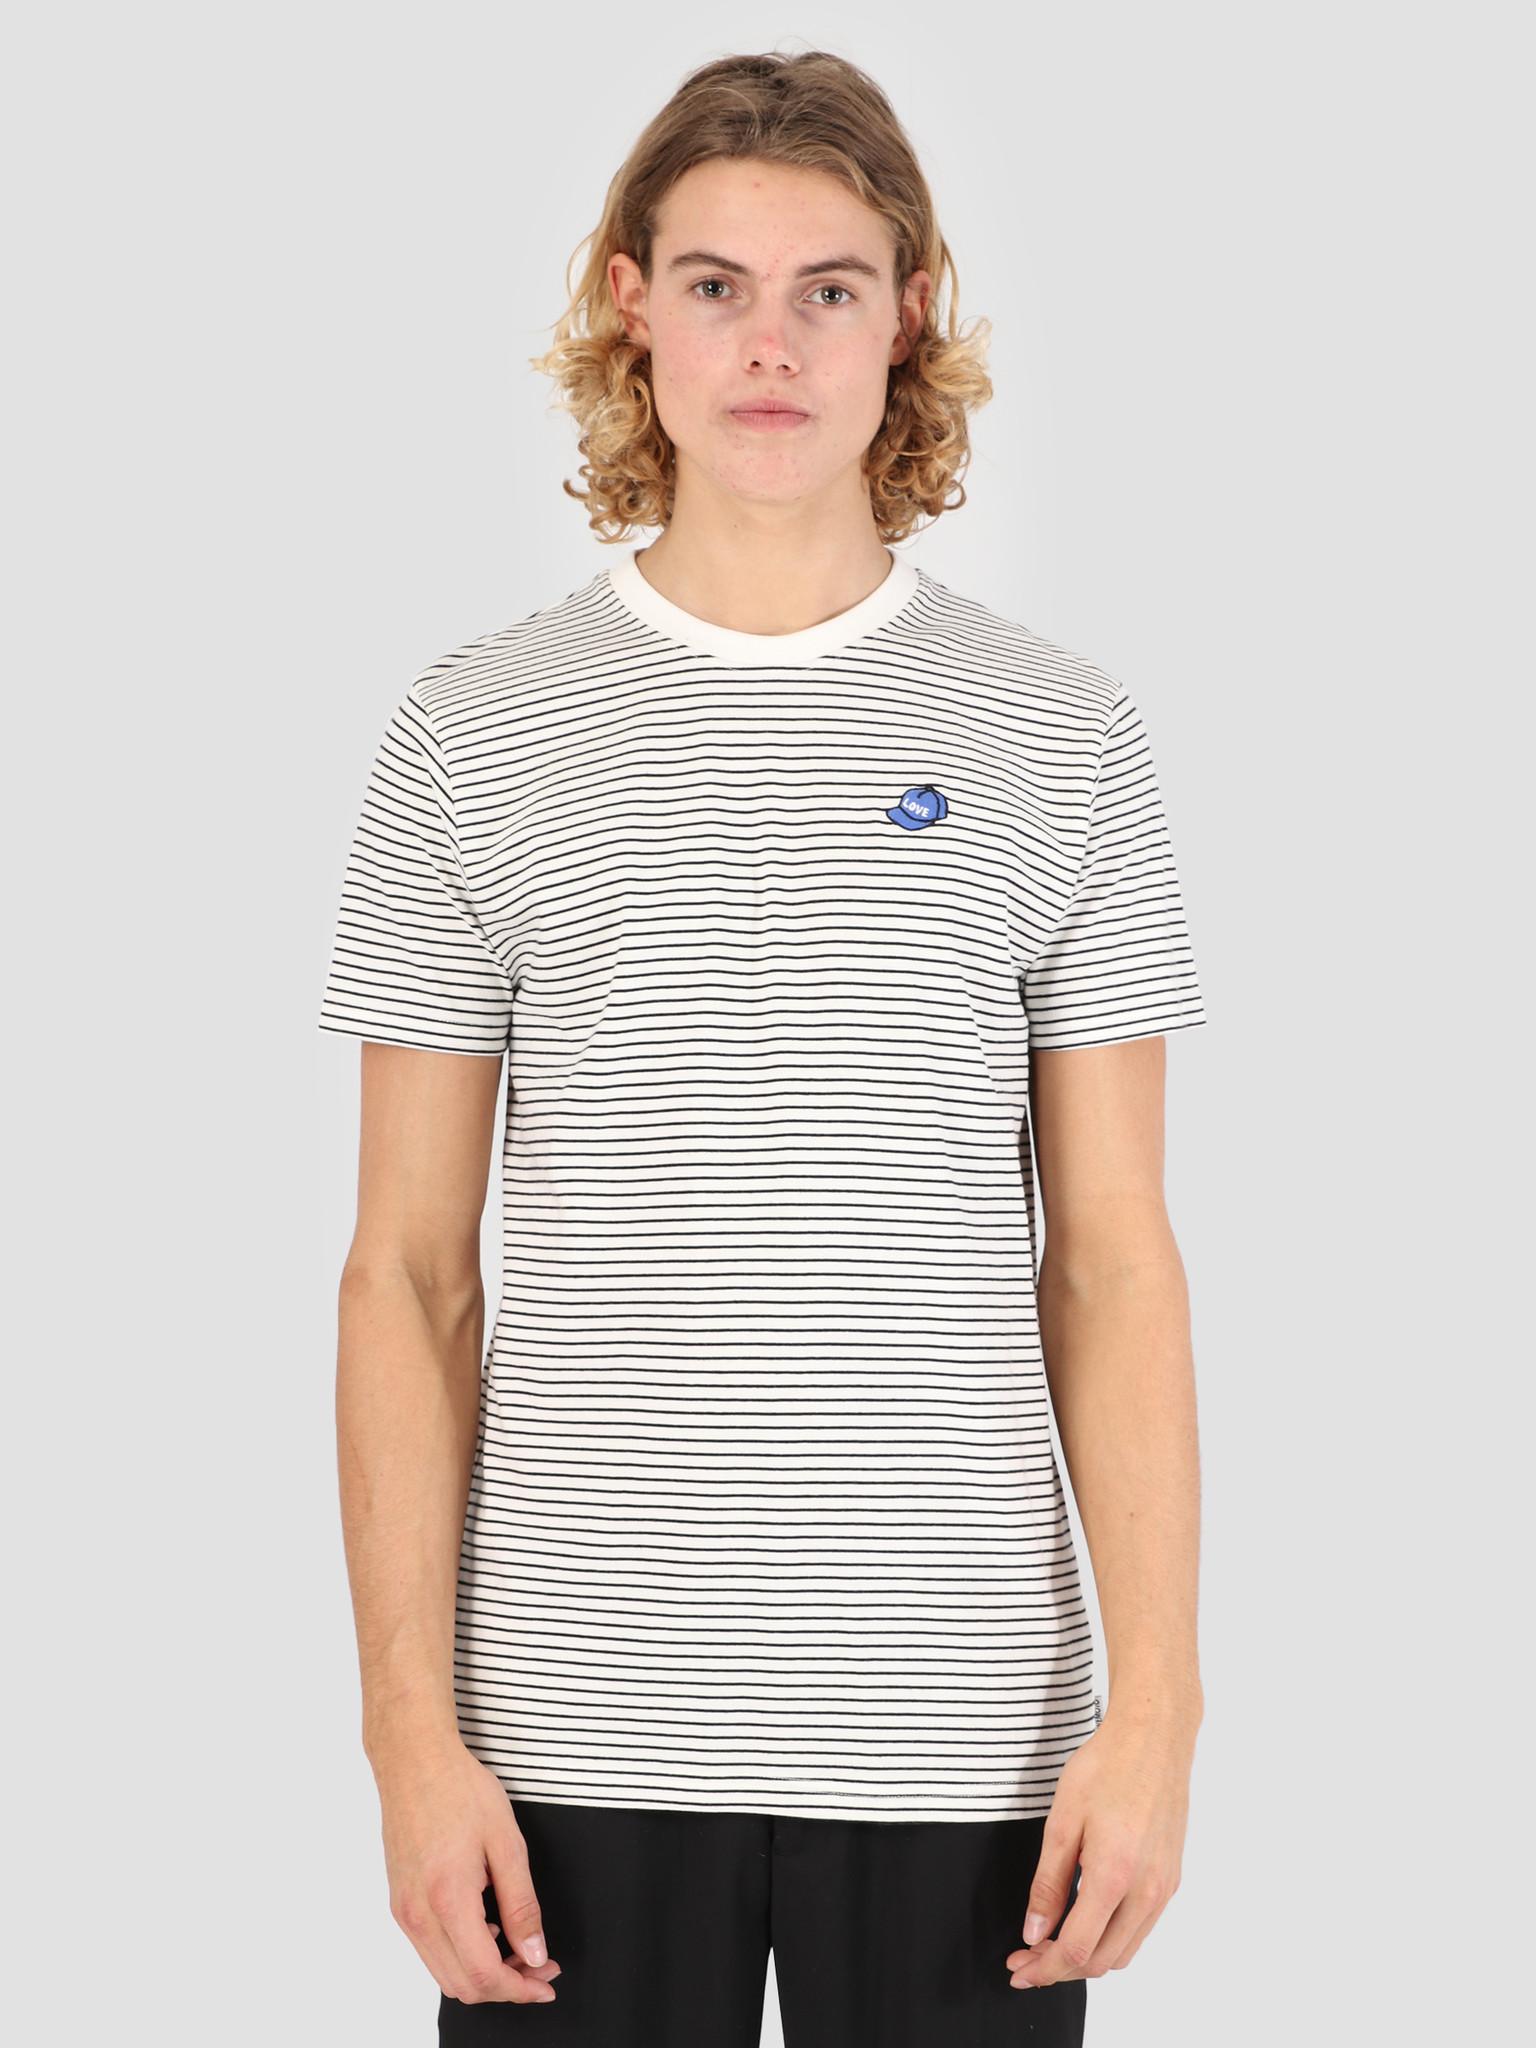 Wemoto Wemoto Hat Striped Jersey Off White-Black 131.225-203